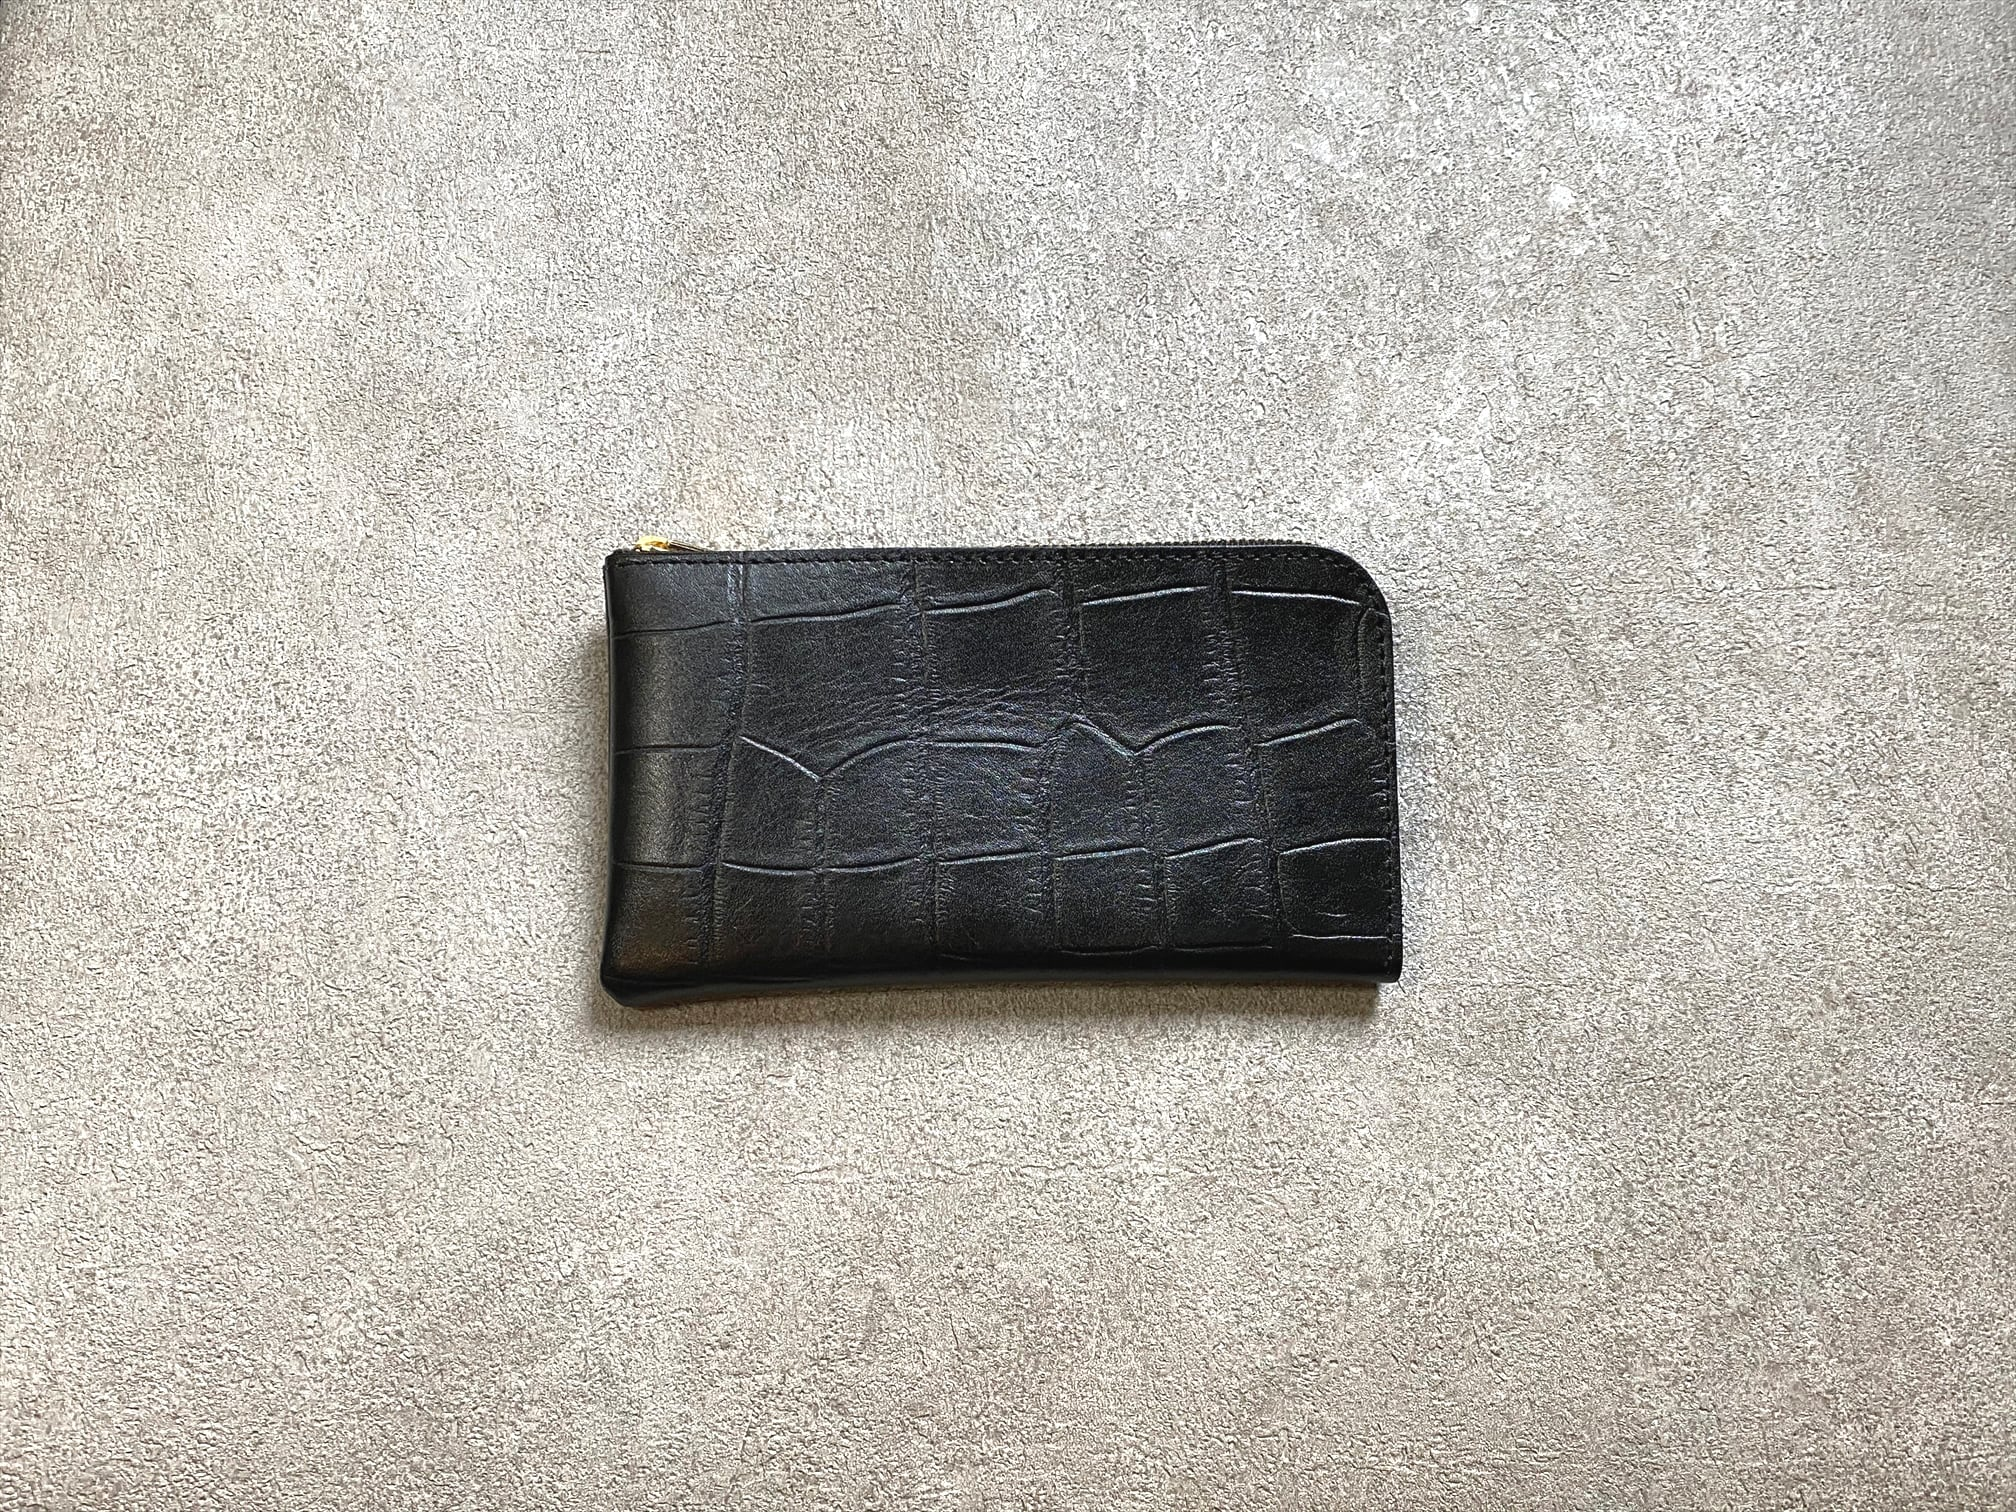 SHOZOウォレット(ラックスクロコ):ブラック ※「アジア・パシフィック・レザー・フェア2019」革小物部門グランプリ受賞商品